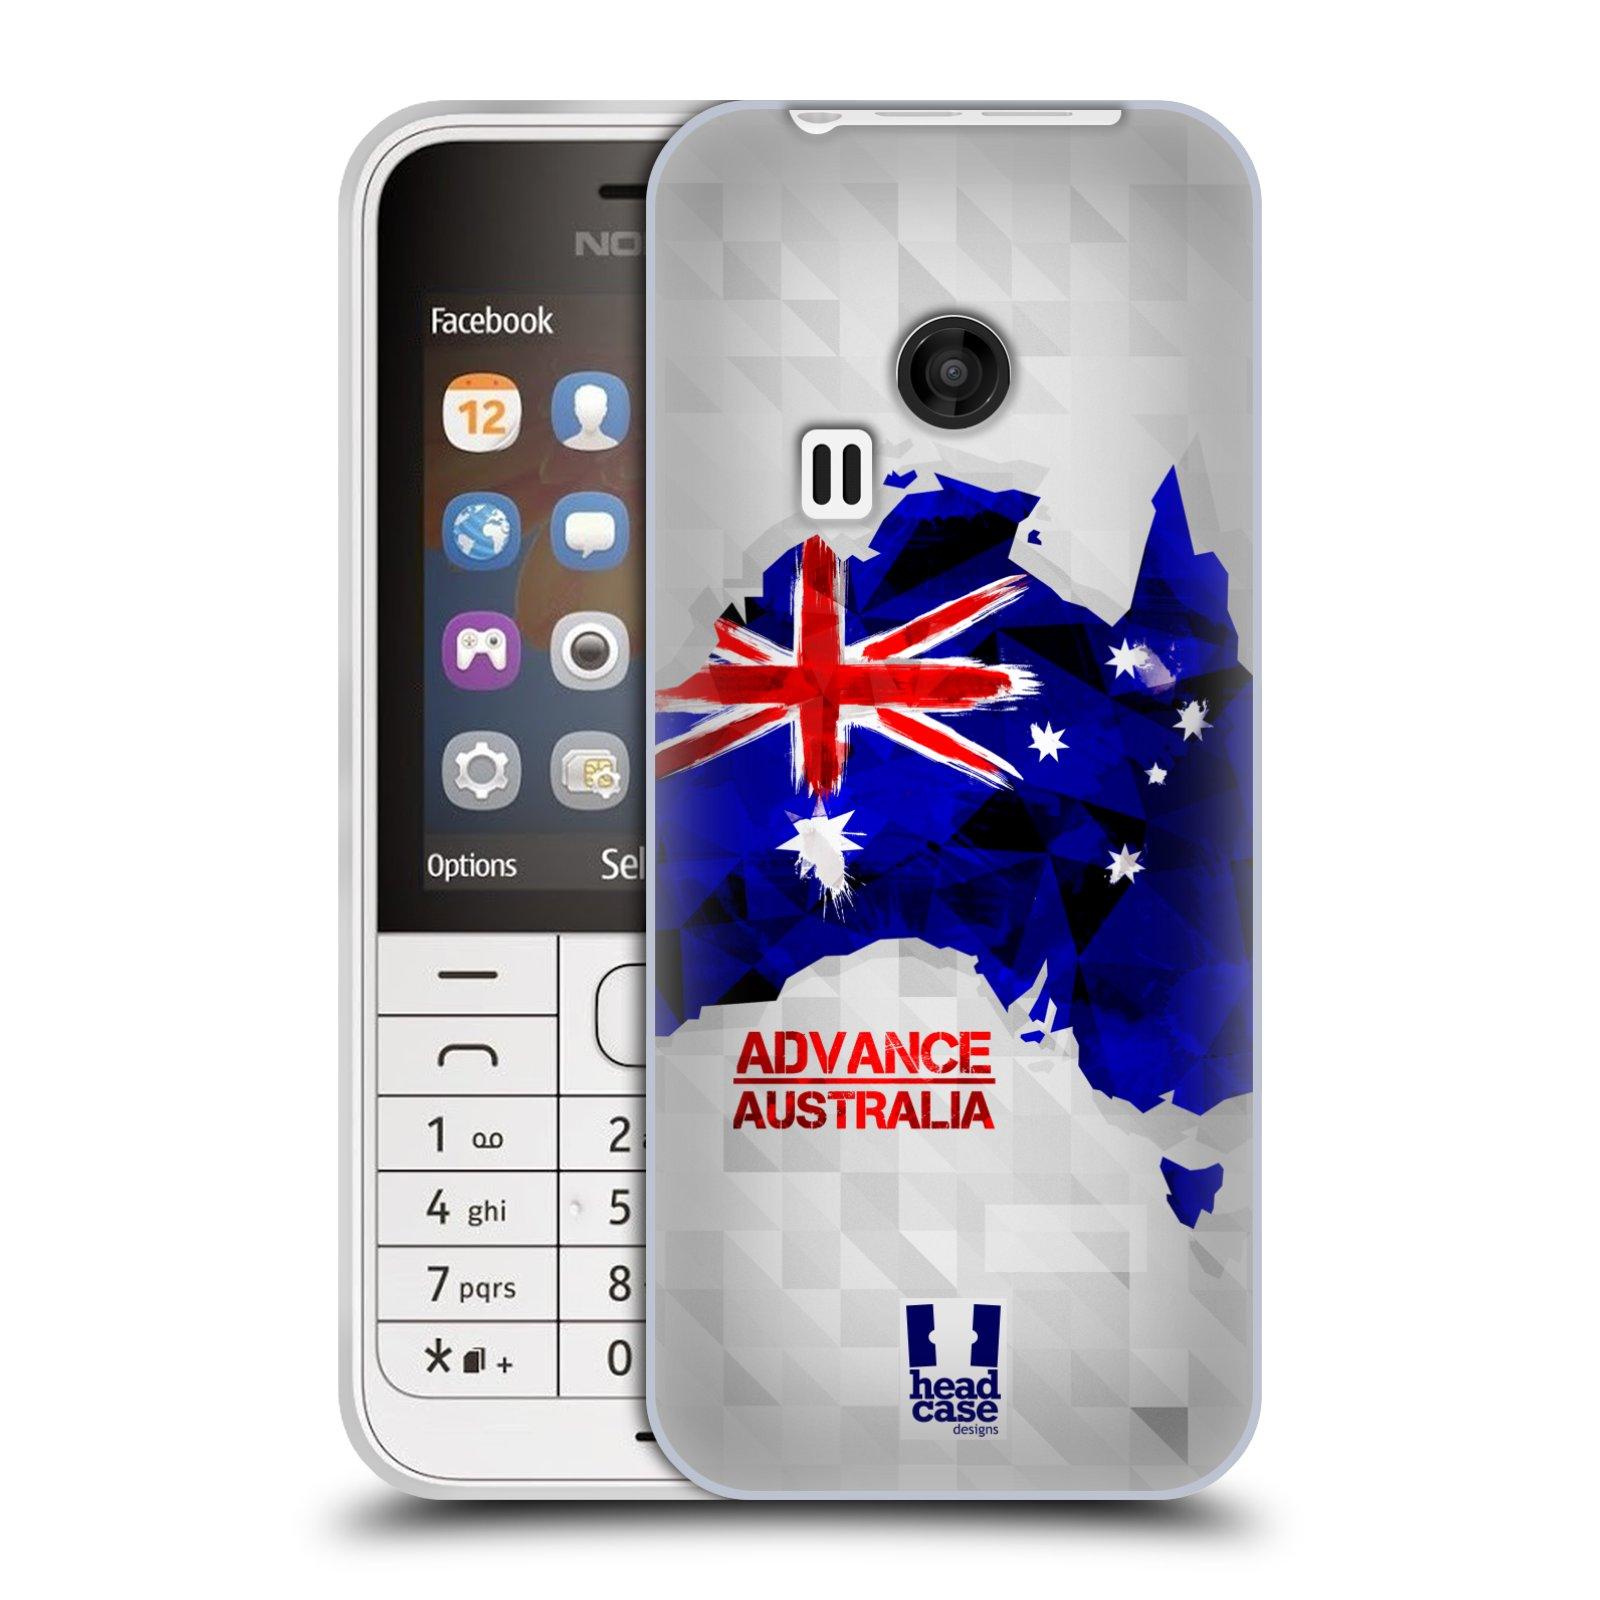 Silikonové pouzdro na mobil Nokia 220 HEAD CASE GEOMAPA AUSTRÁLIE (Silikonový kryt či obal na mobilní telefon Nokia 220 a 220 Dual SIM)